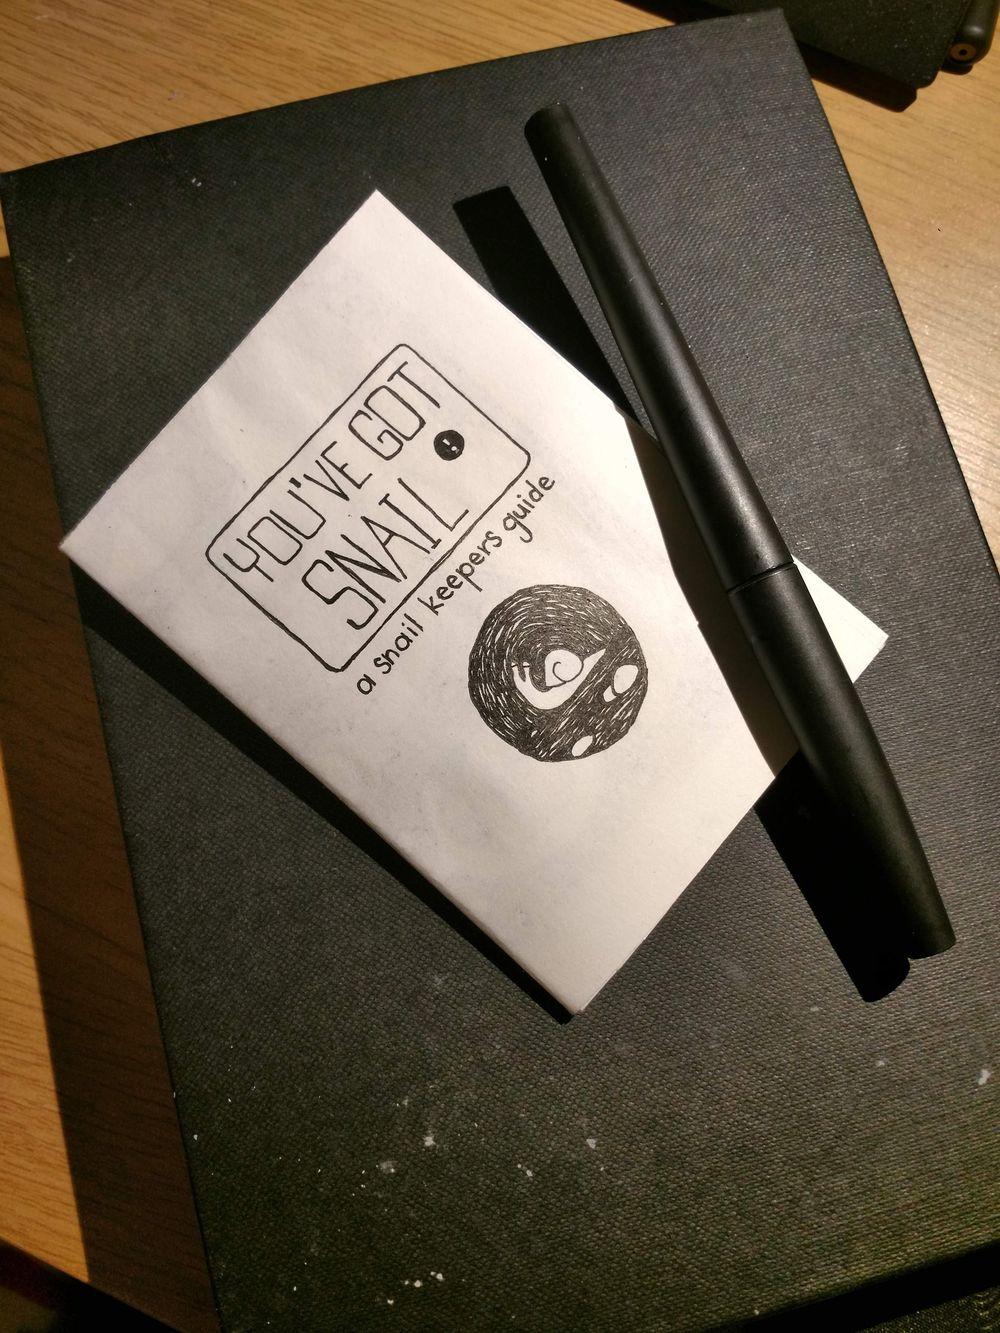 You've Got Snail - image 1 - student project